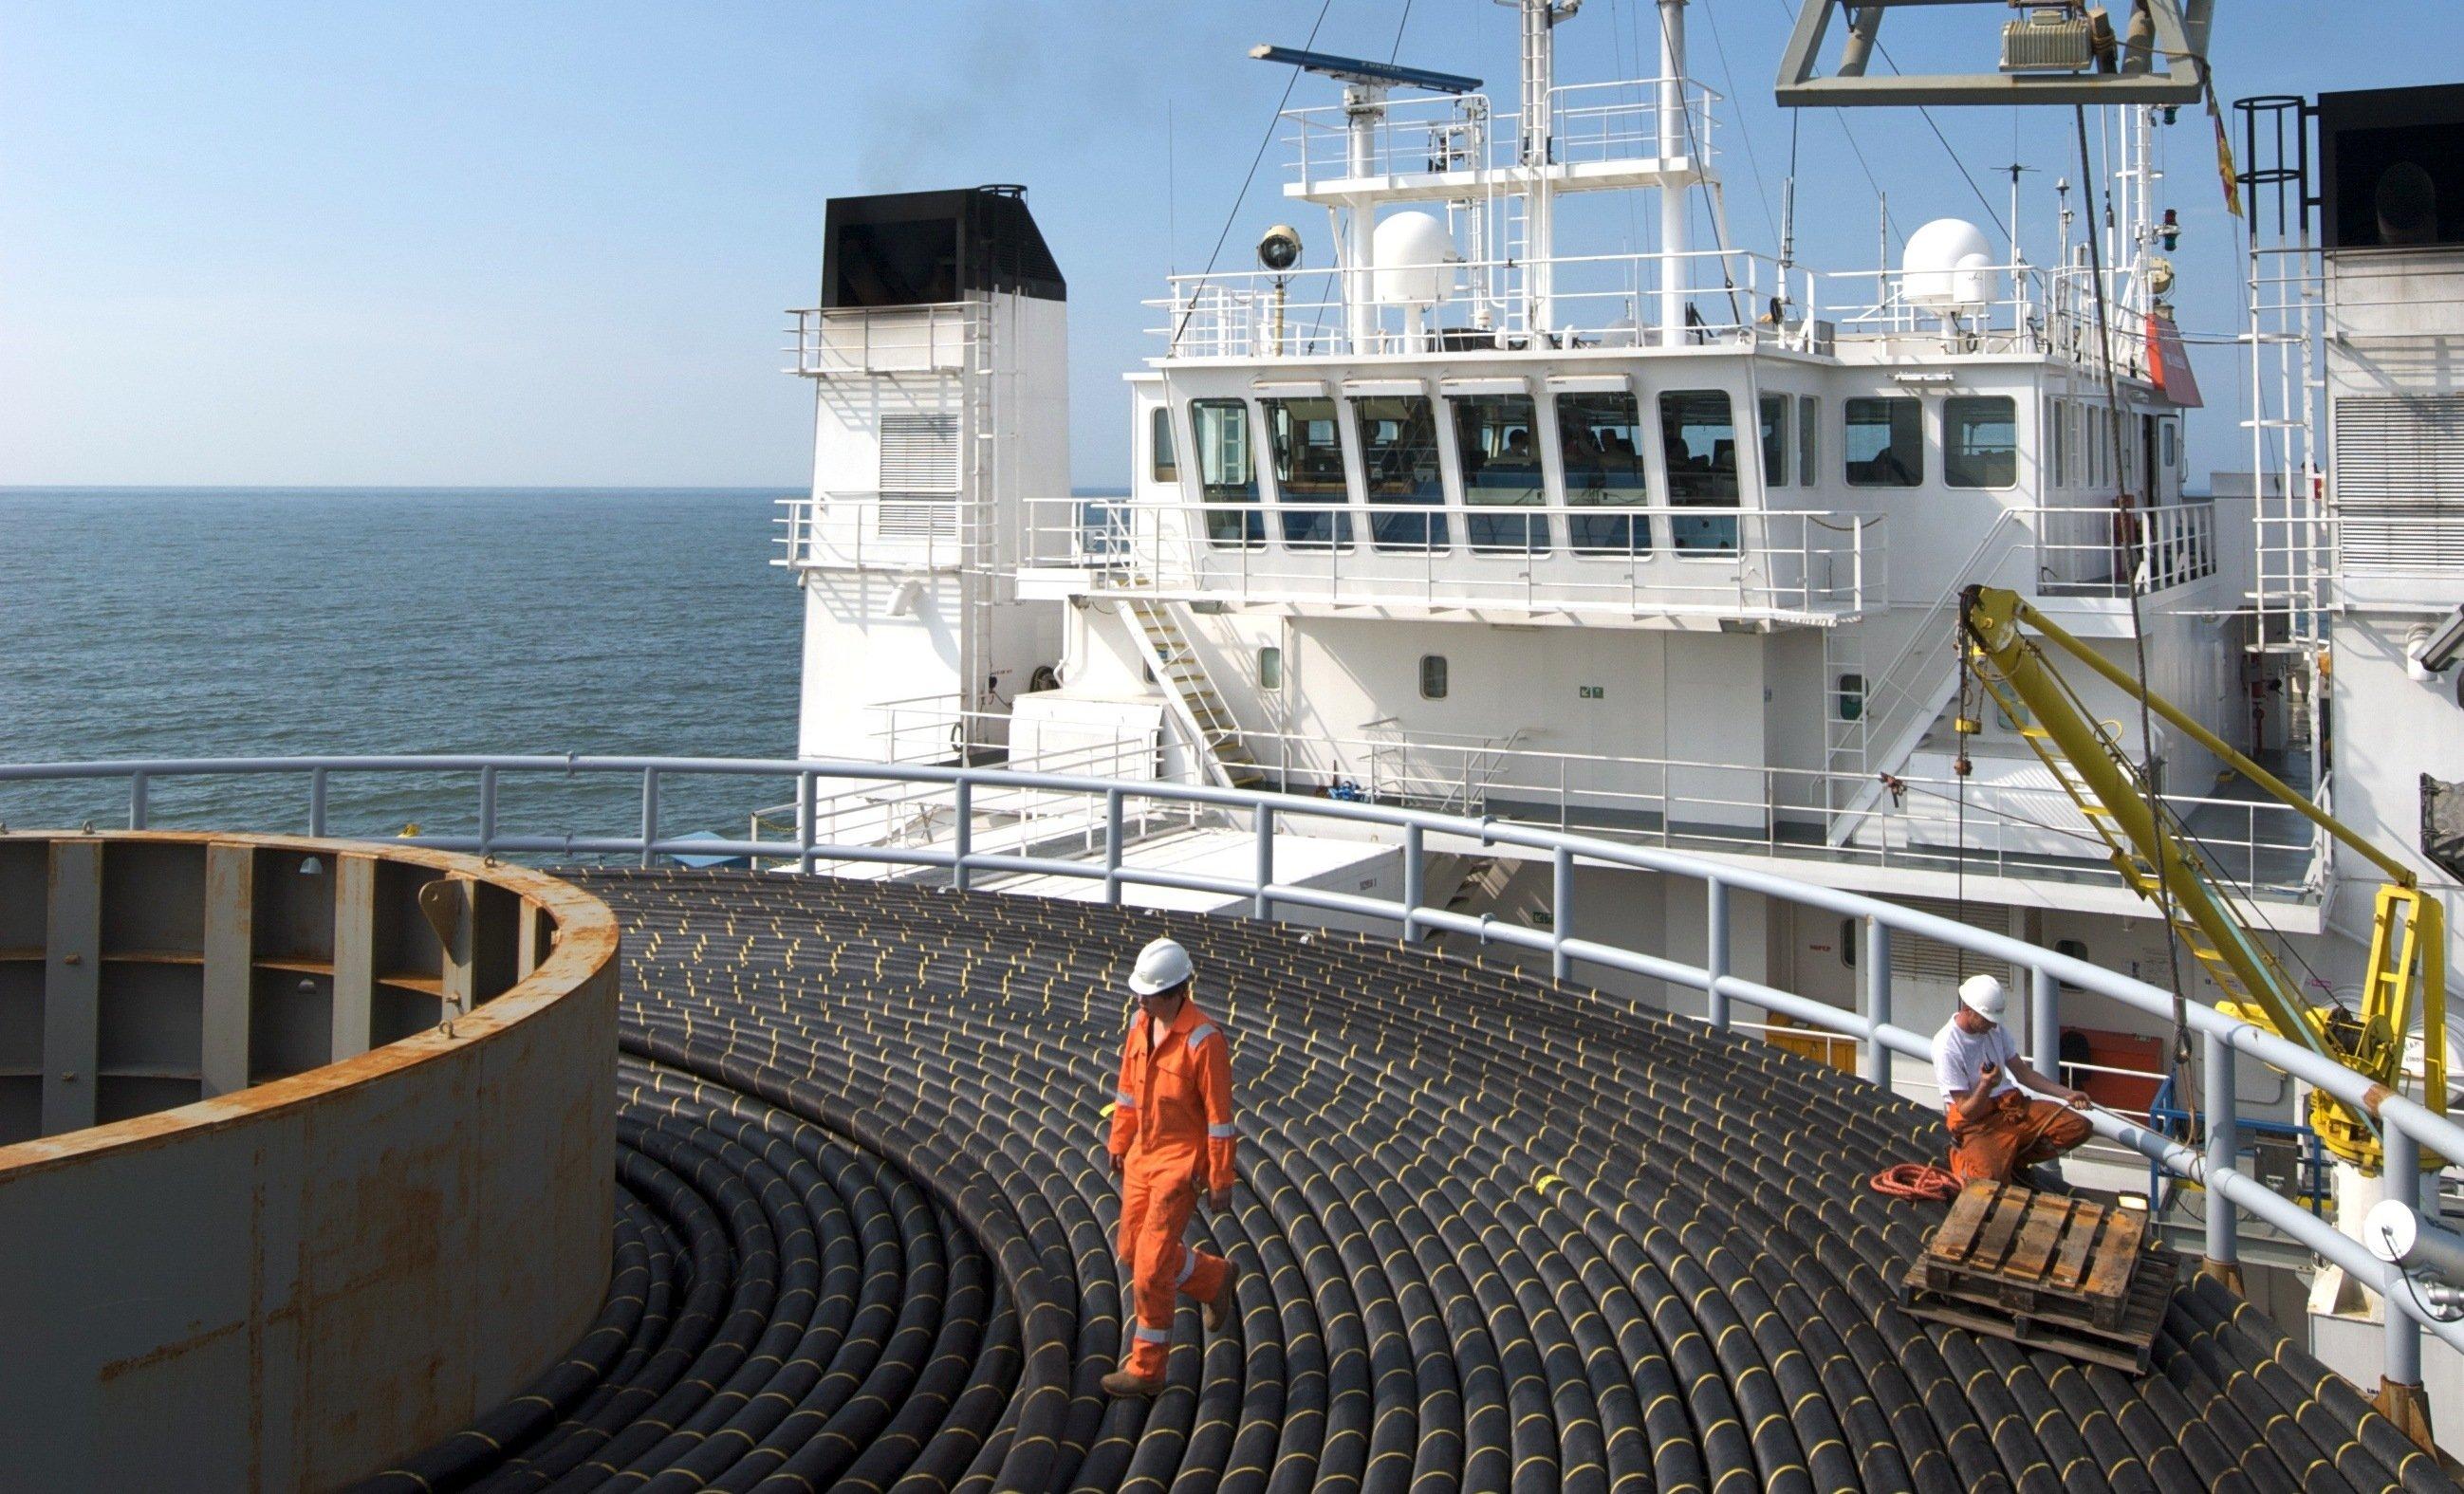 55 Kilometer Seekabel sind auf der Team Oman aufgerollt, um in der Nordsee verlegt zu werden. Die künftige, 623 Kilometer lange Nordlink-Verbindung zwischen Deutschland läuft auf 516 Kilometern unter Wasser.